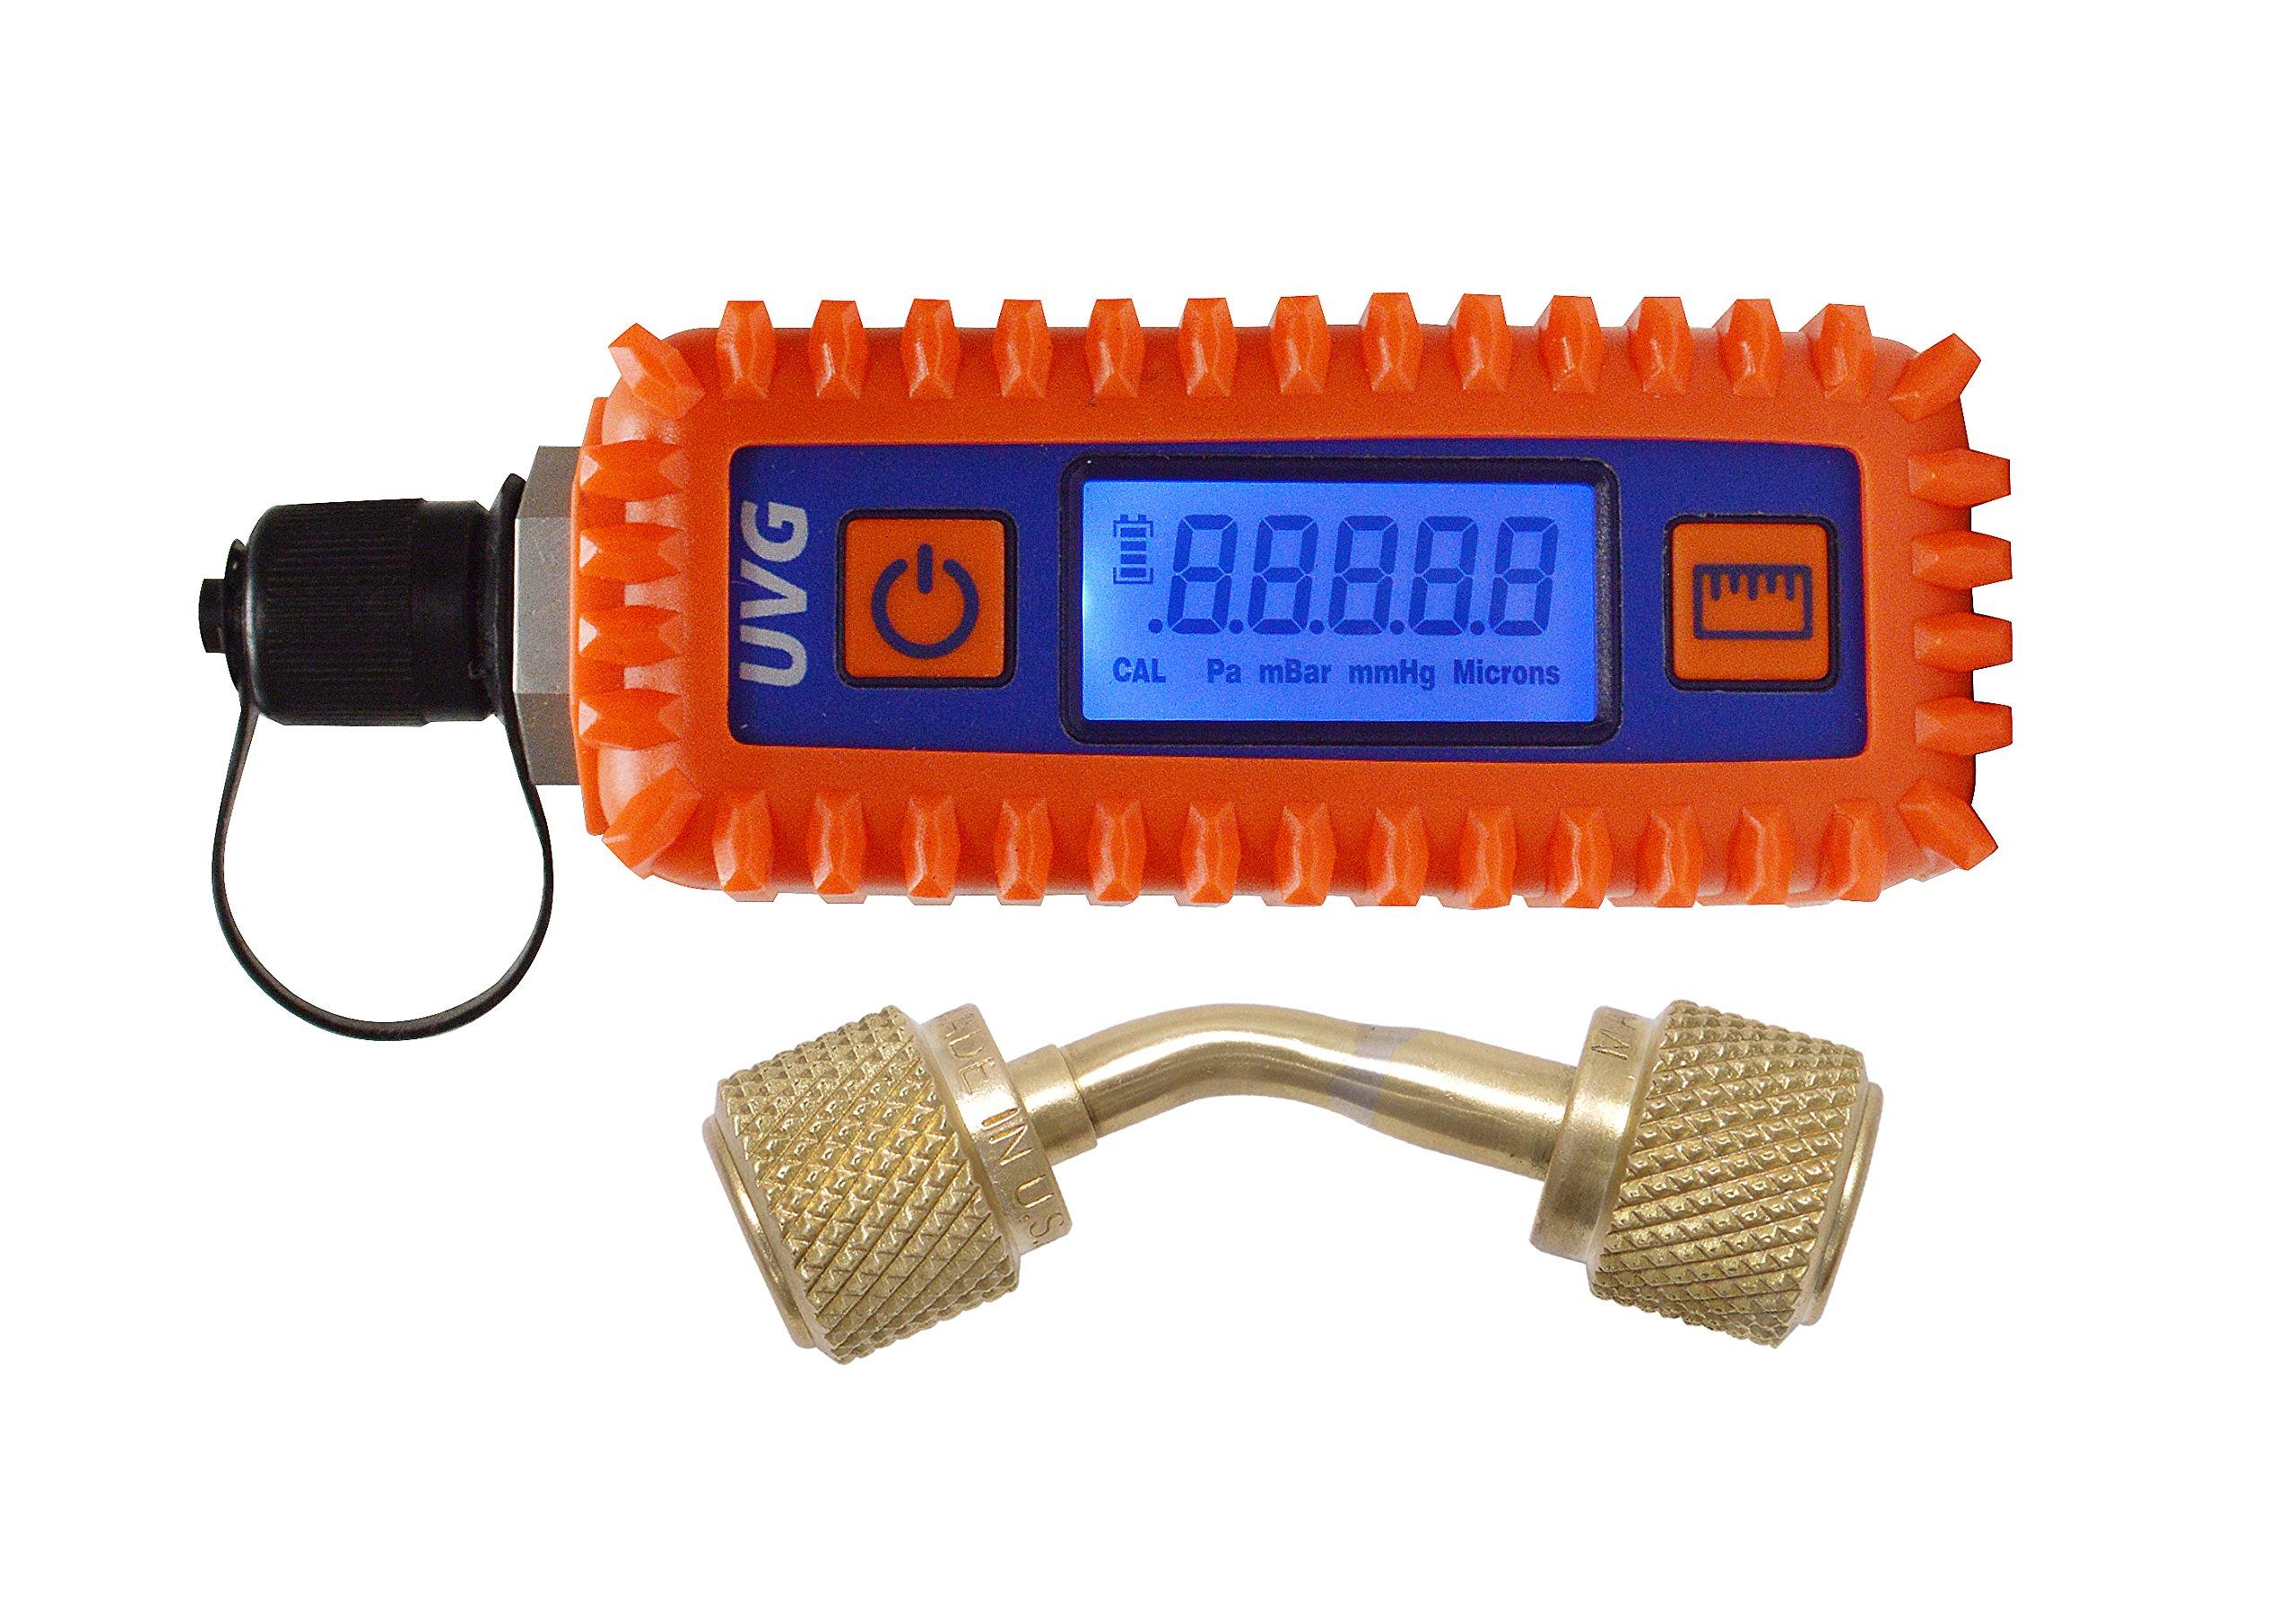 Uniweld UVG Digital Vacuum Gauge & Adaptor by Uniweld